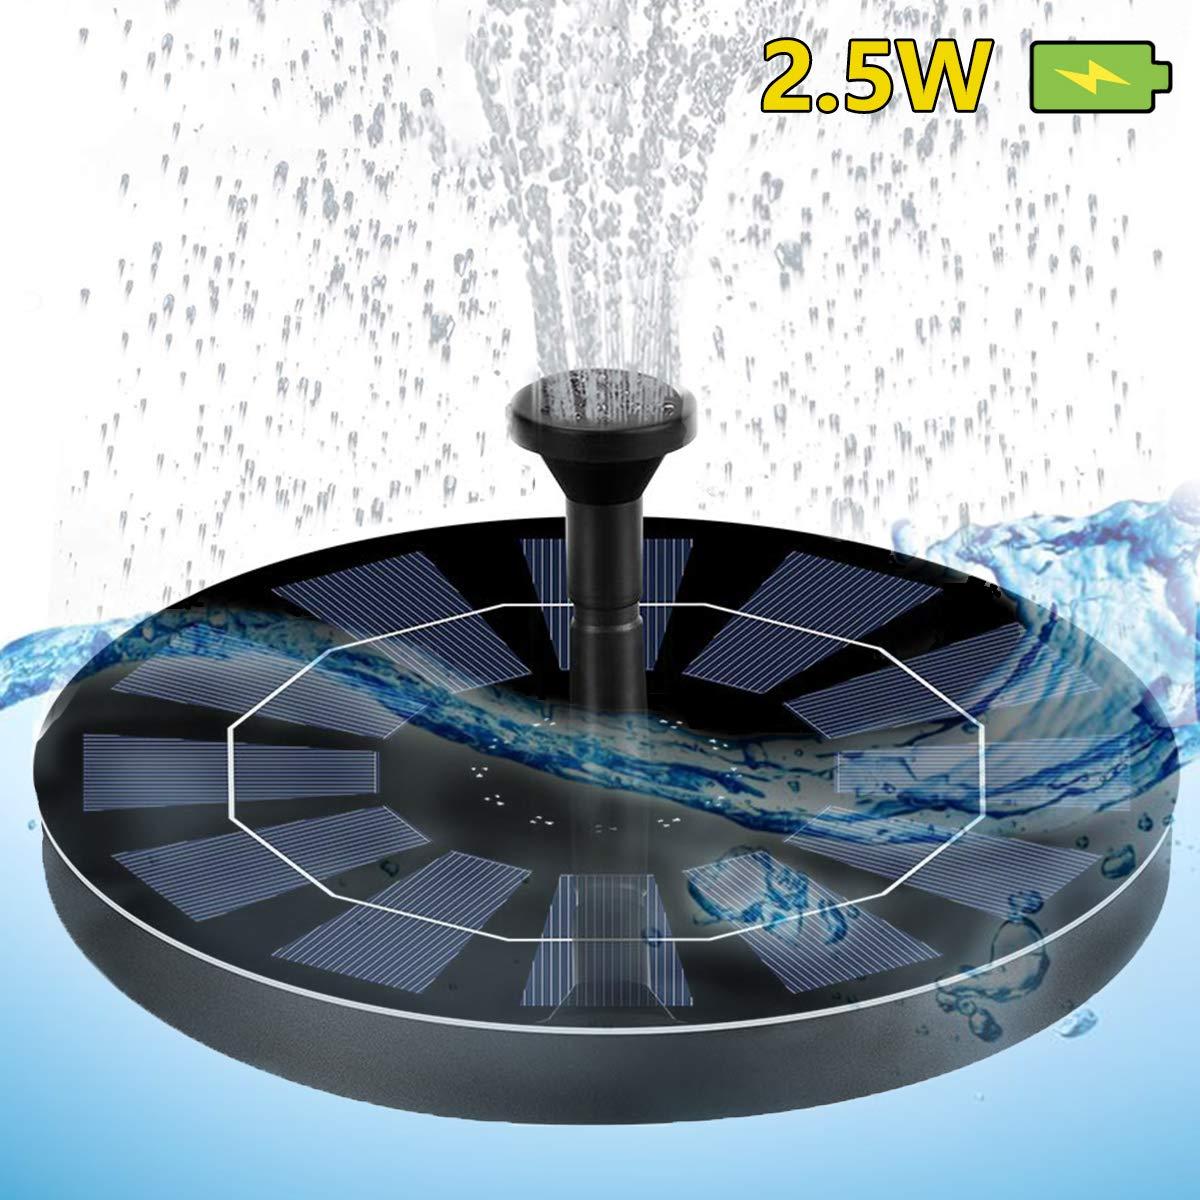 DIWUJI Solar-Brunnenpumpe Vogelbad Springbrunnen f/ür Gartenteiche Wasser Solarbrunnen zum Garten Schwimmbad Teichpumpe Aufger/üstet mit Eingebaut Batterie-Backup 2,5W Kreis Schwimmender Solarpanel